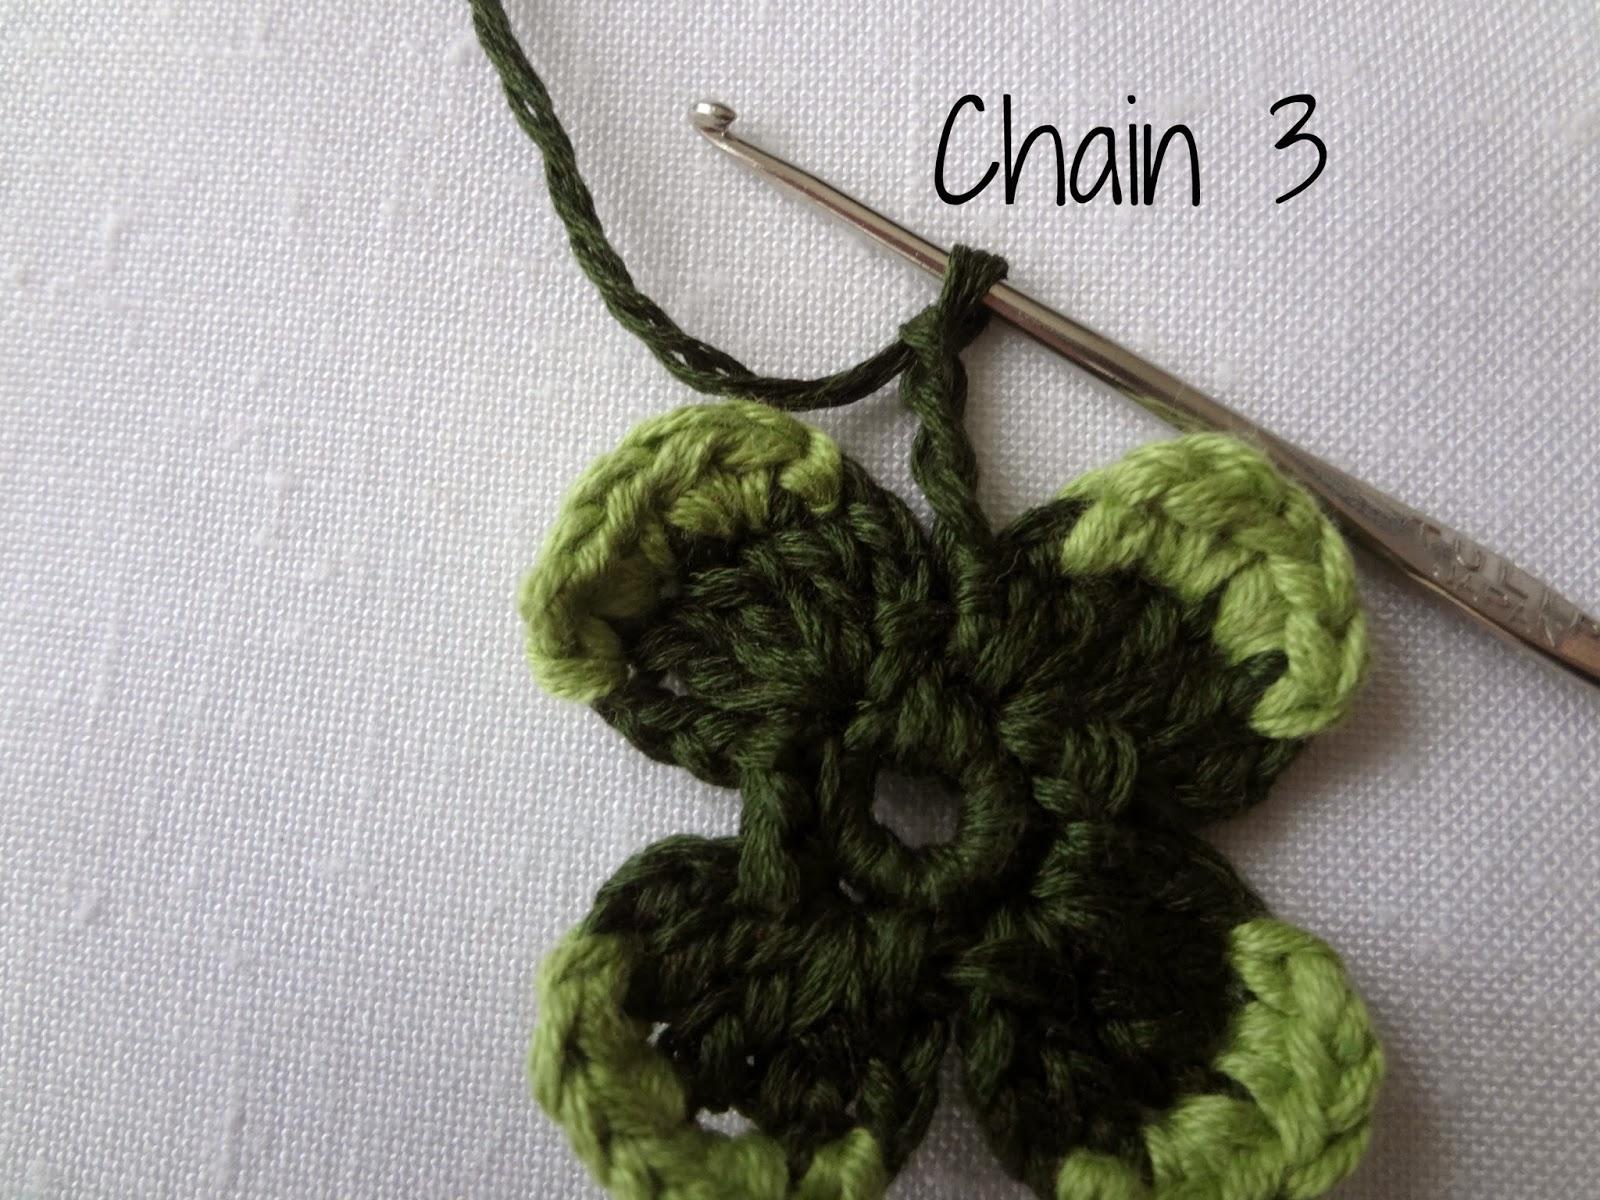 Crochet Stitch Exsc : first light green stitch, then make 4 exsc (extended single crochet ...